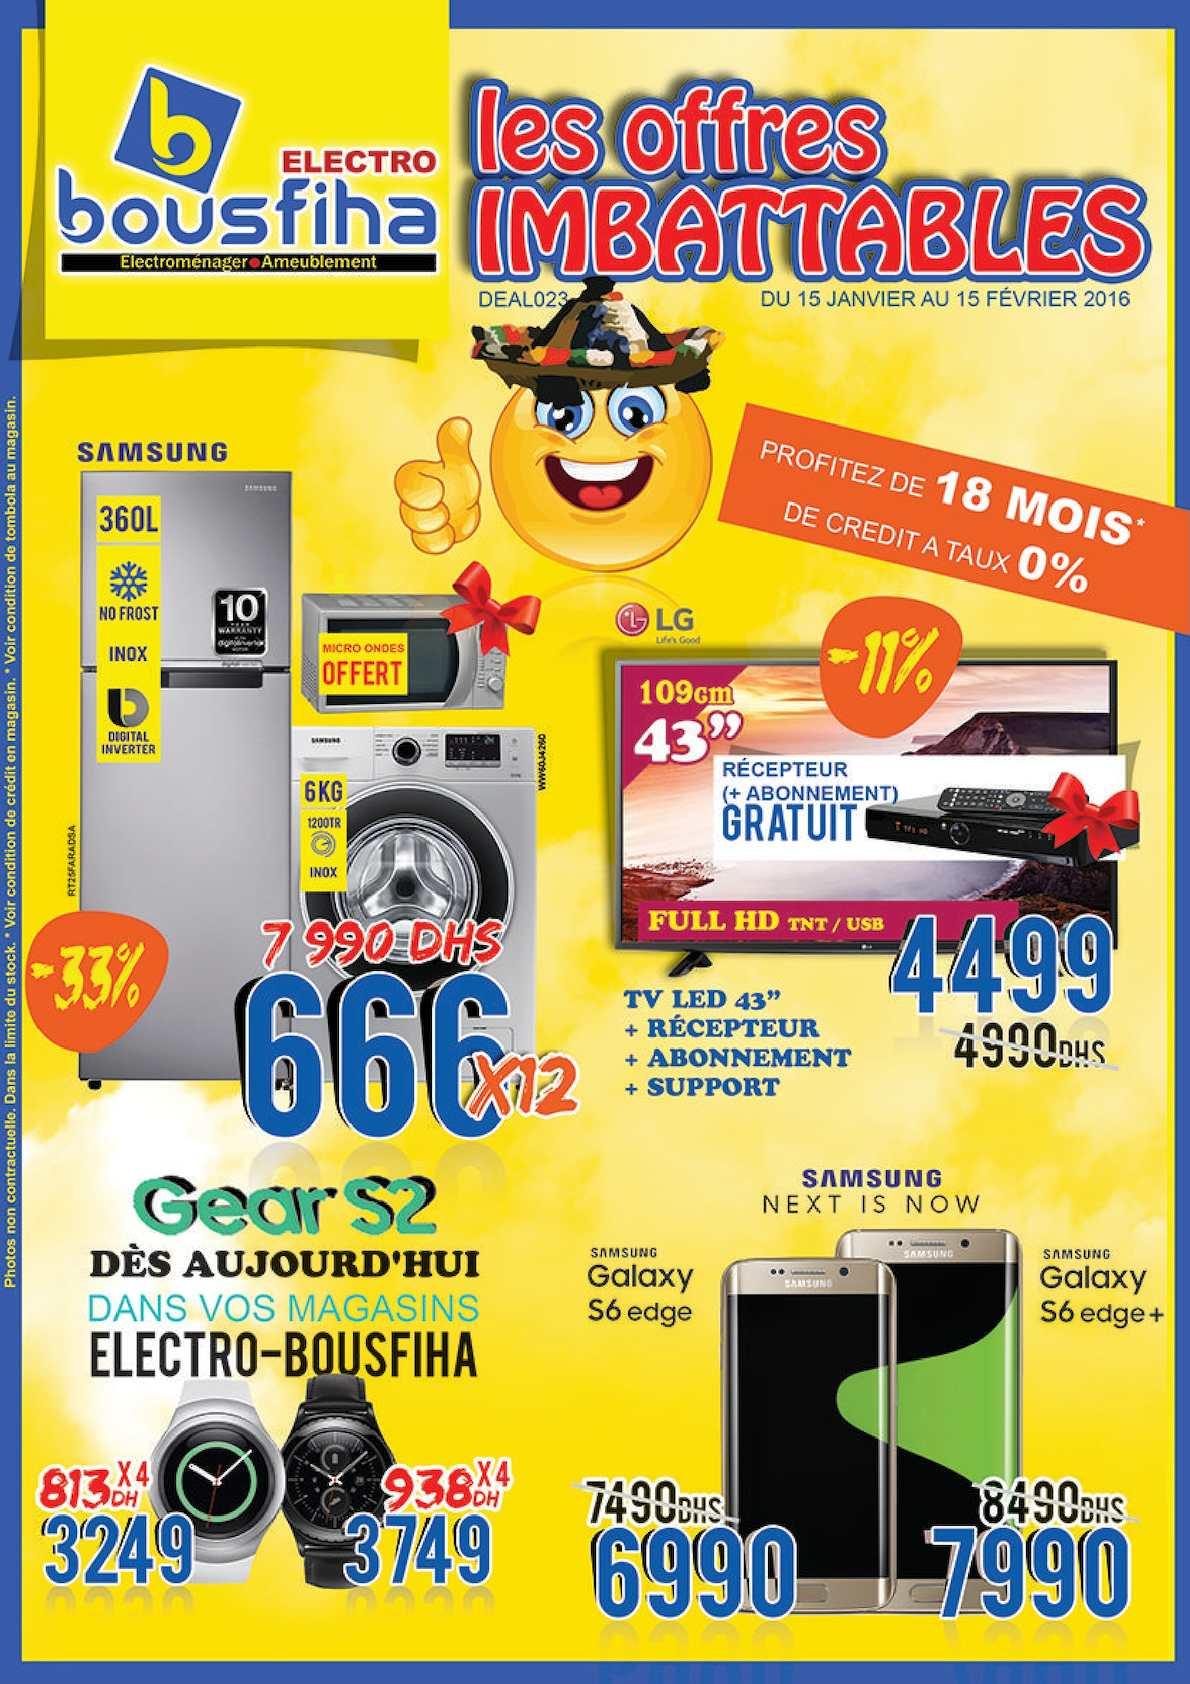 electro bousfiha Deal 023